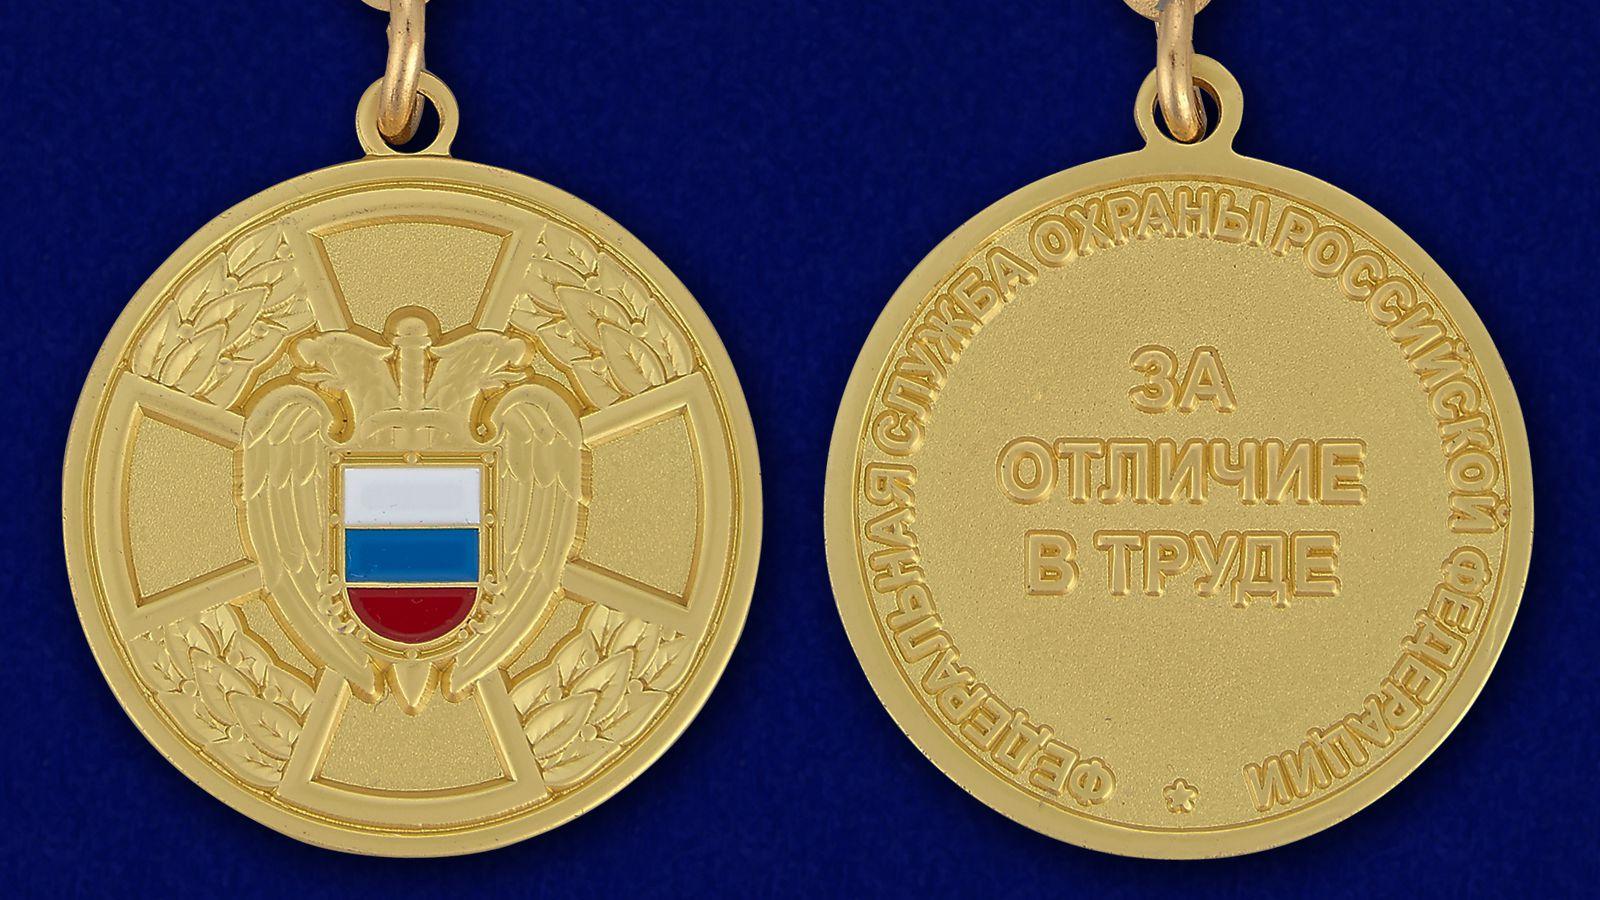 """Медаль """"За отличие в труде"""" (ФСО России) - аверс и реверс"""